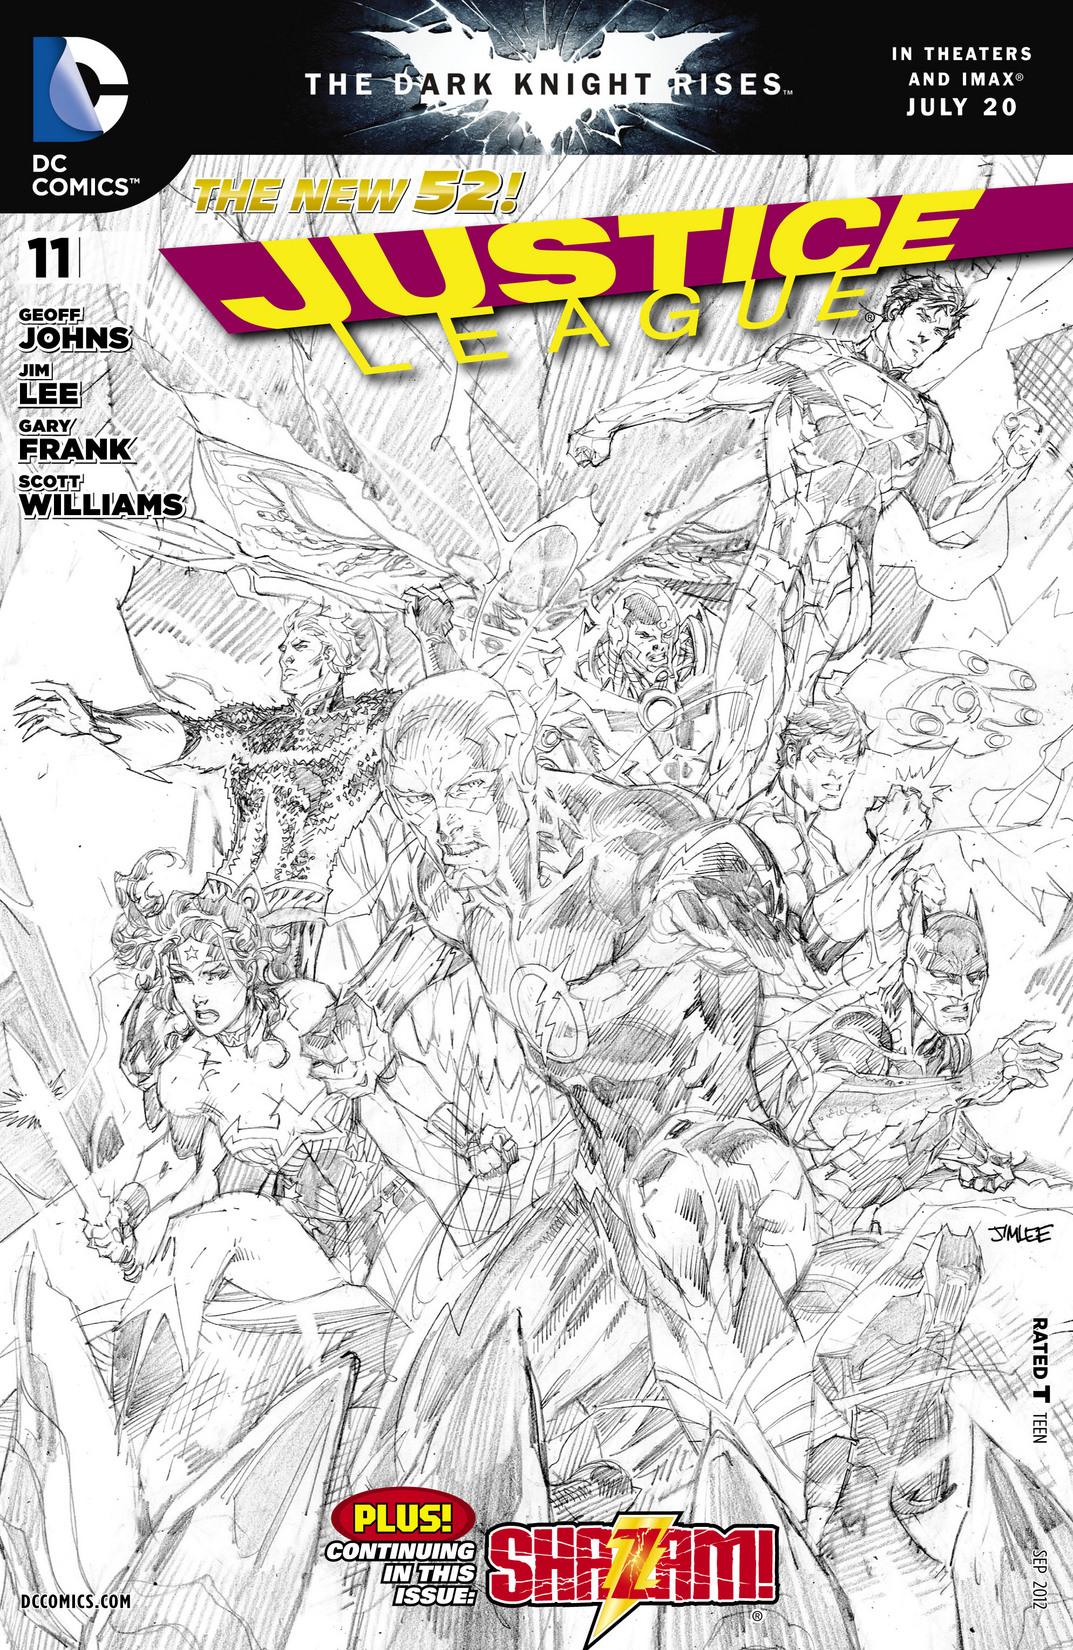 Justice League Vol 2 11 Sketch.jpg